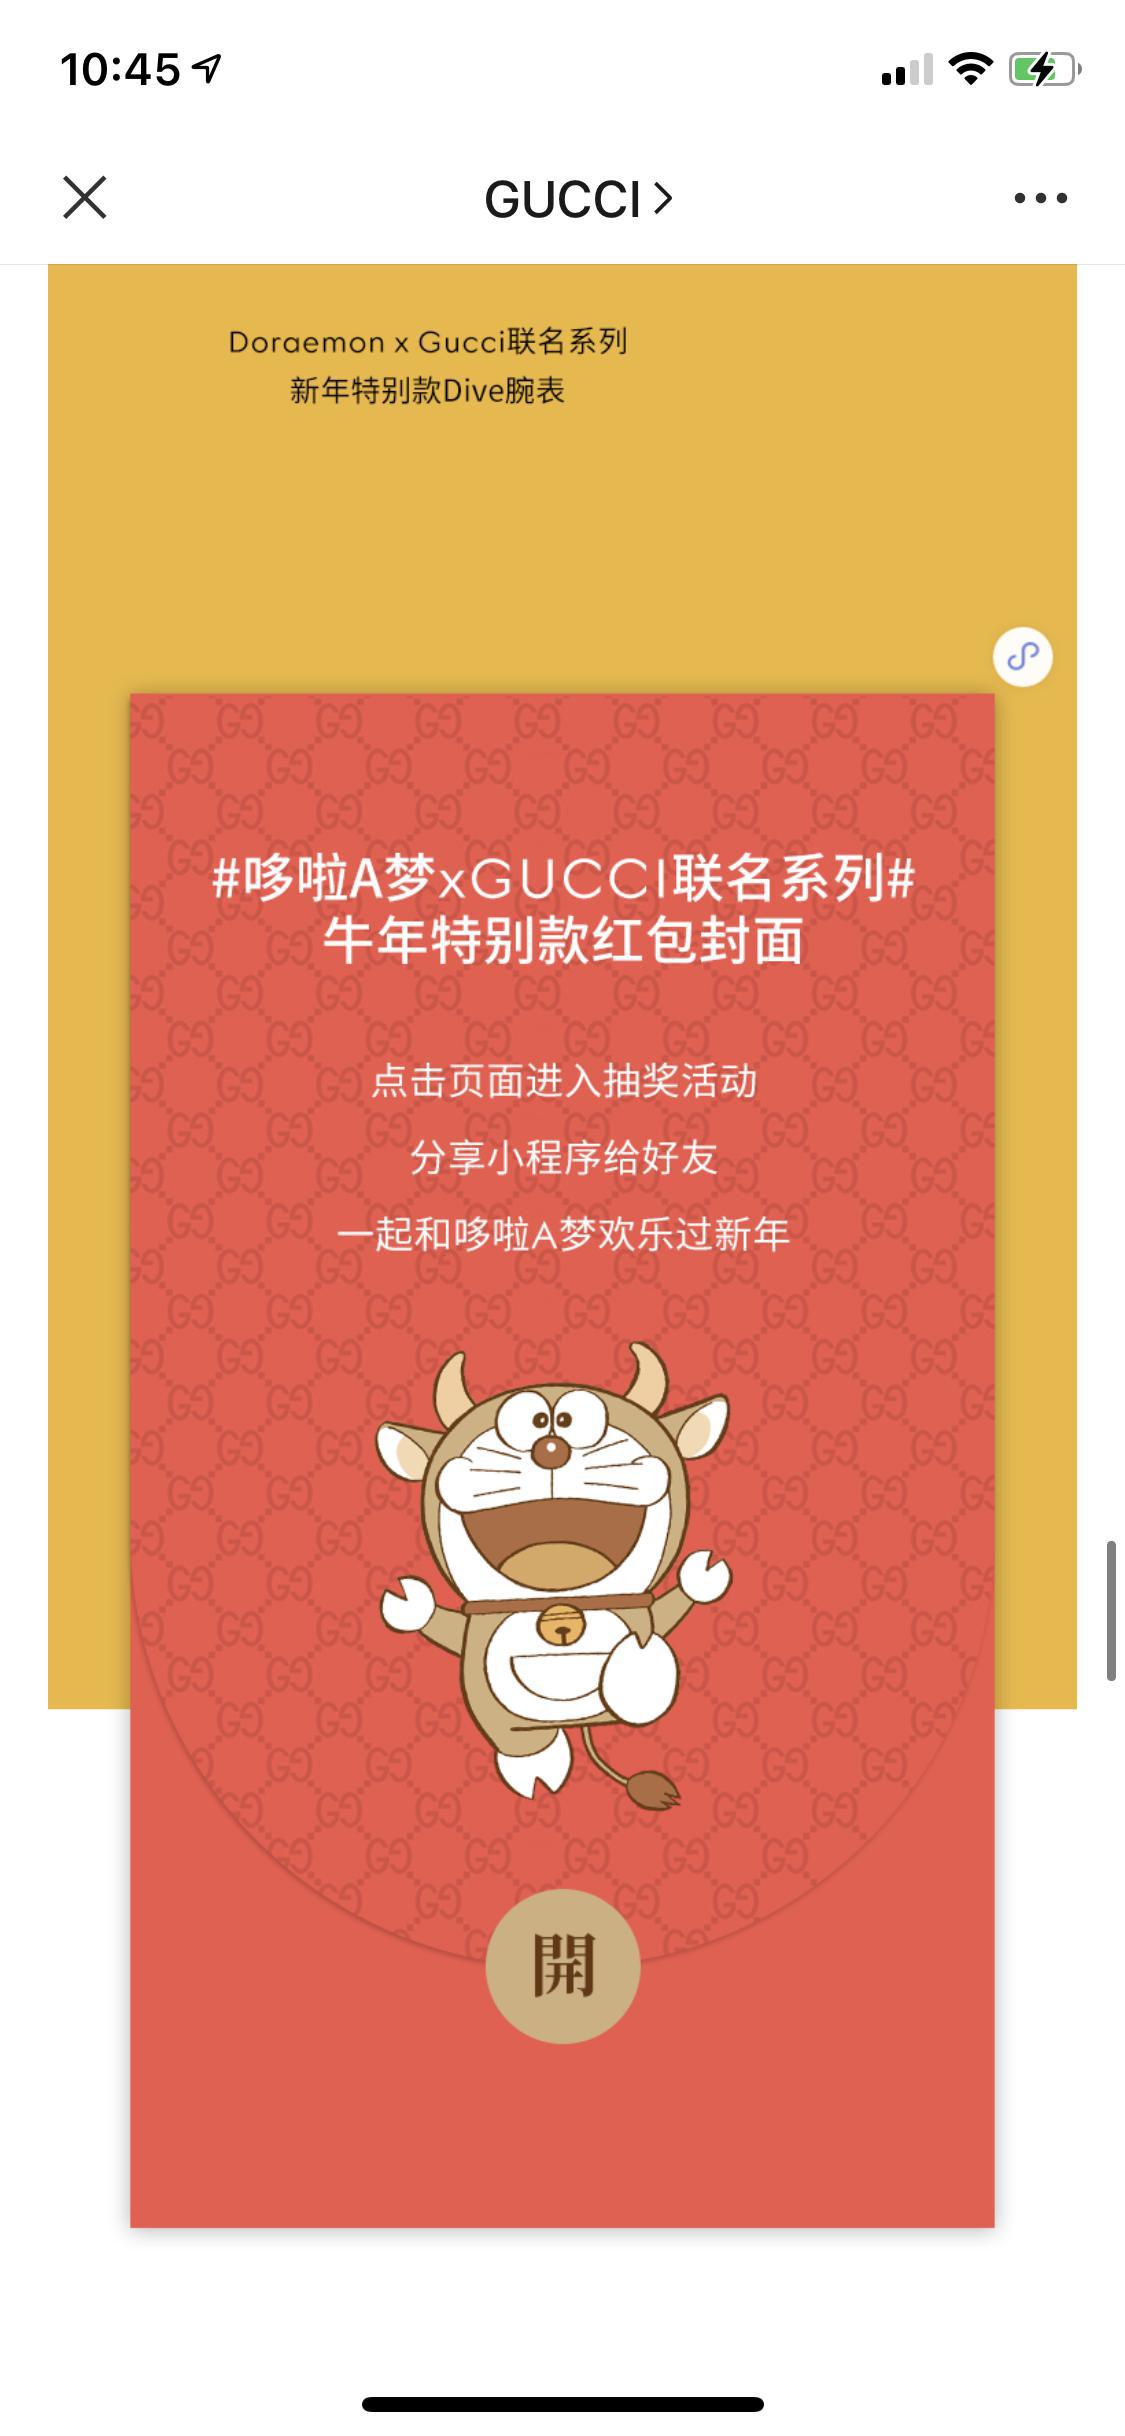 取得Gucci微信红包封面、是一场有概率的抽奖